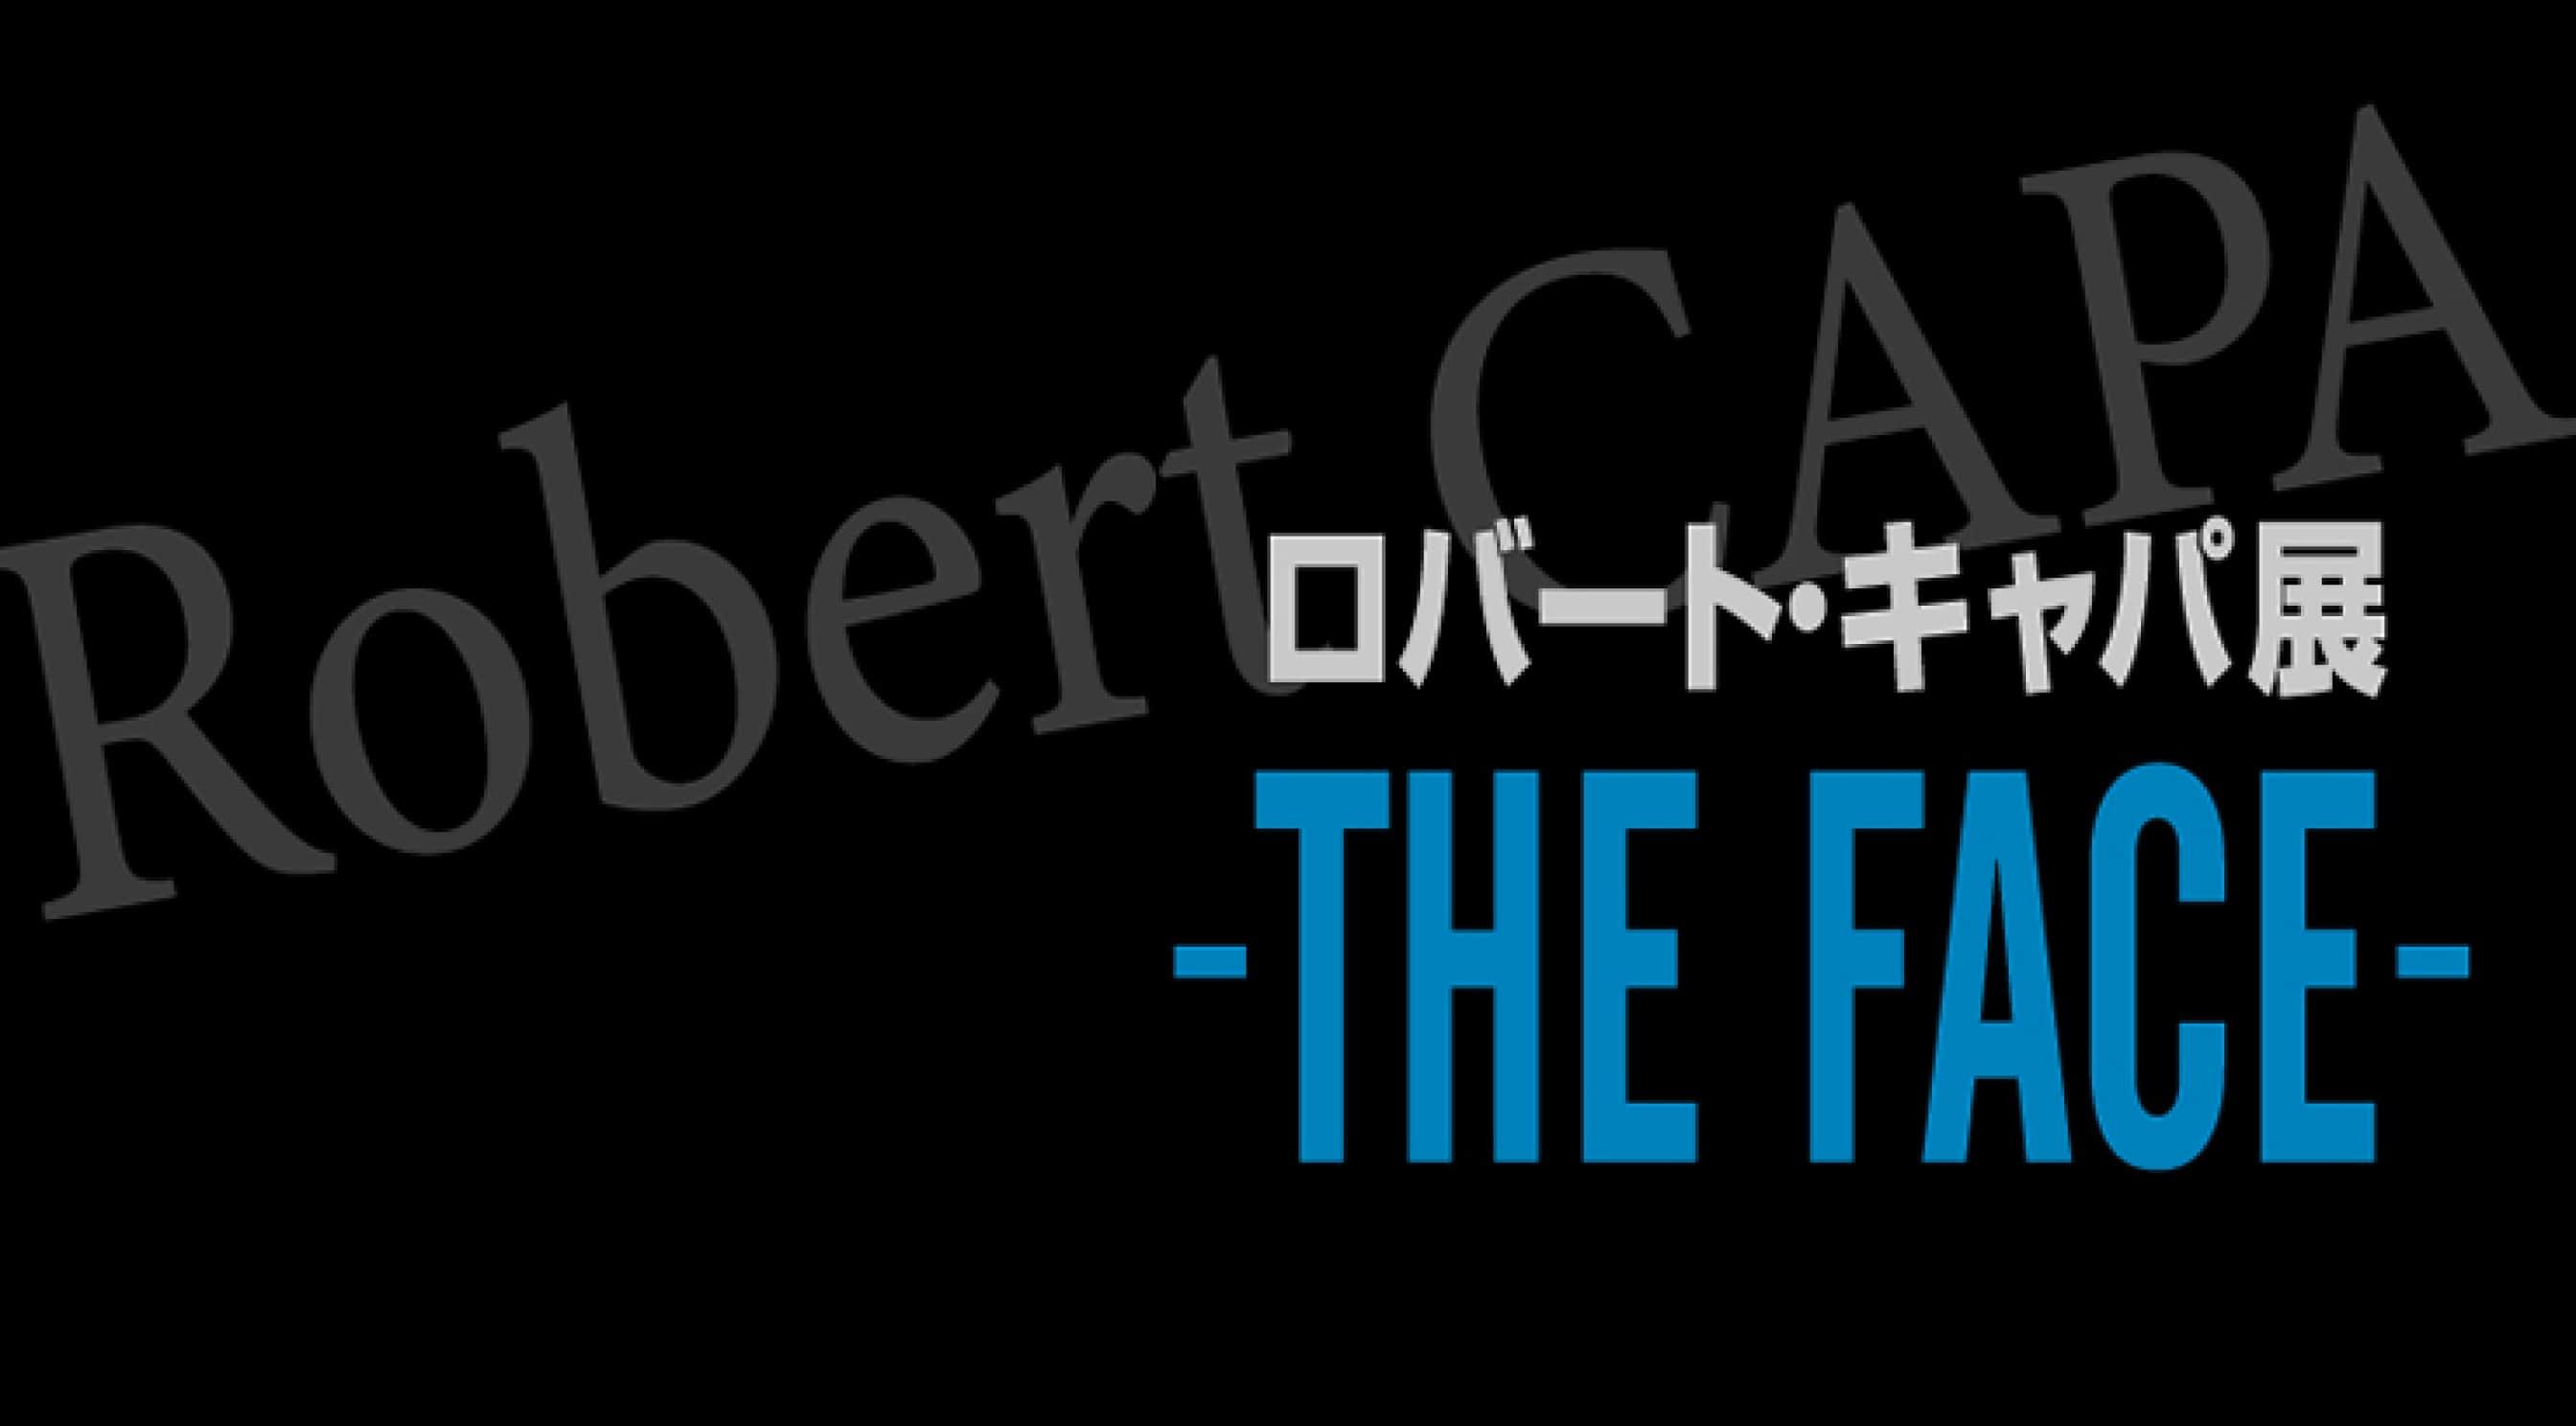 ロバート・キャパ展 -THE FACE- | アートヒューマンプロジェクト ...